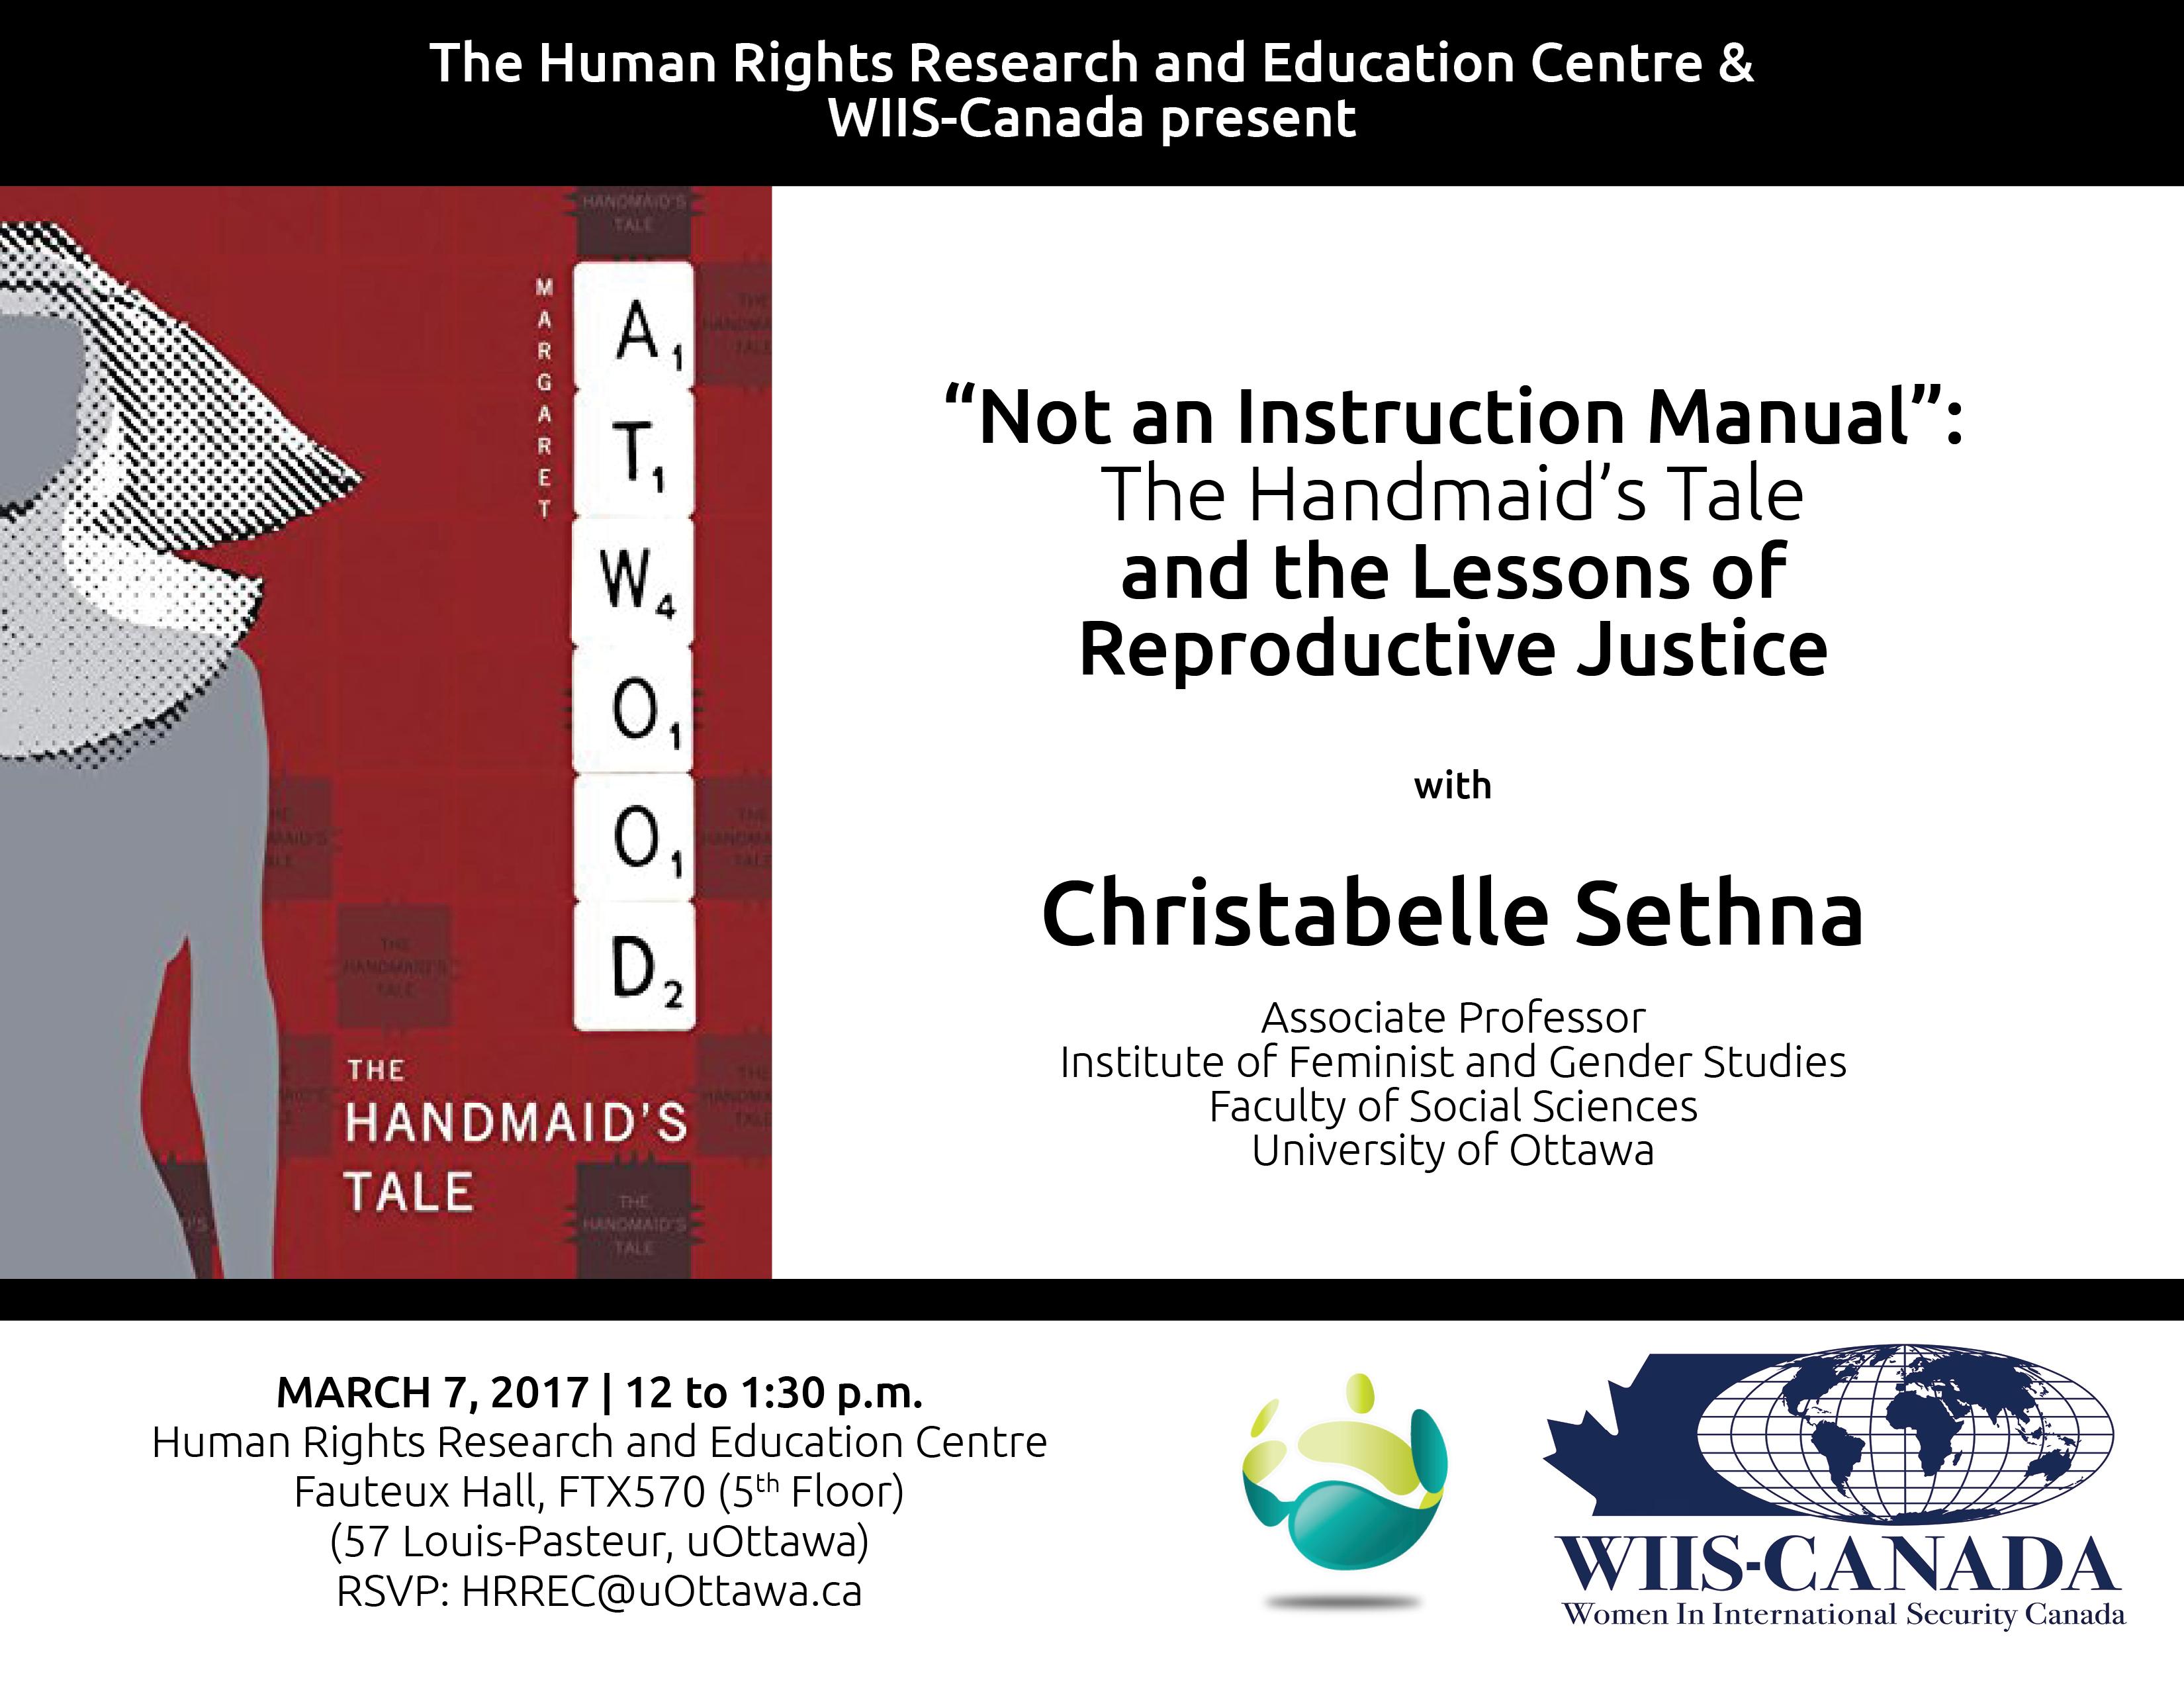 Presentation by Christabelle Sethna | Présentation par Christabelle Sethna